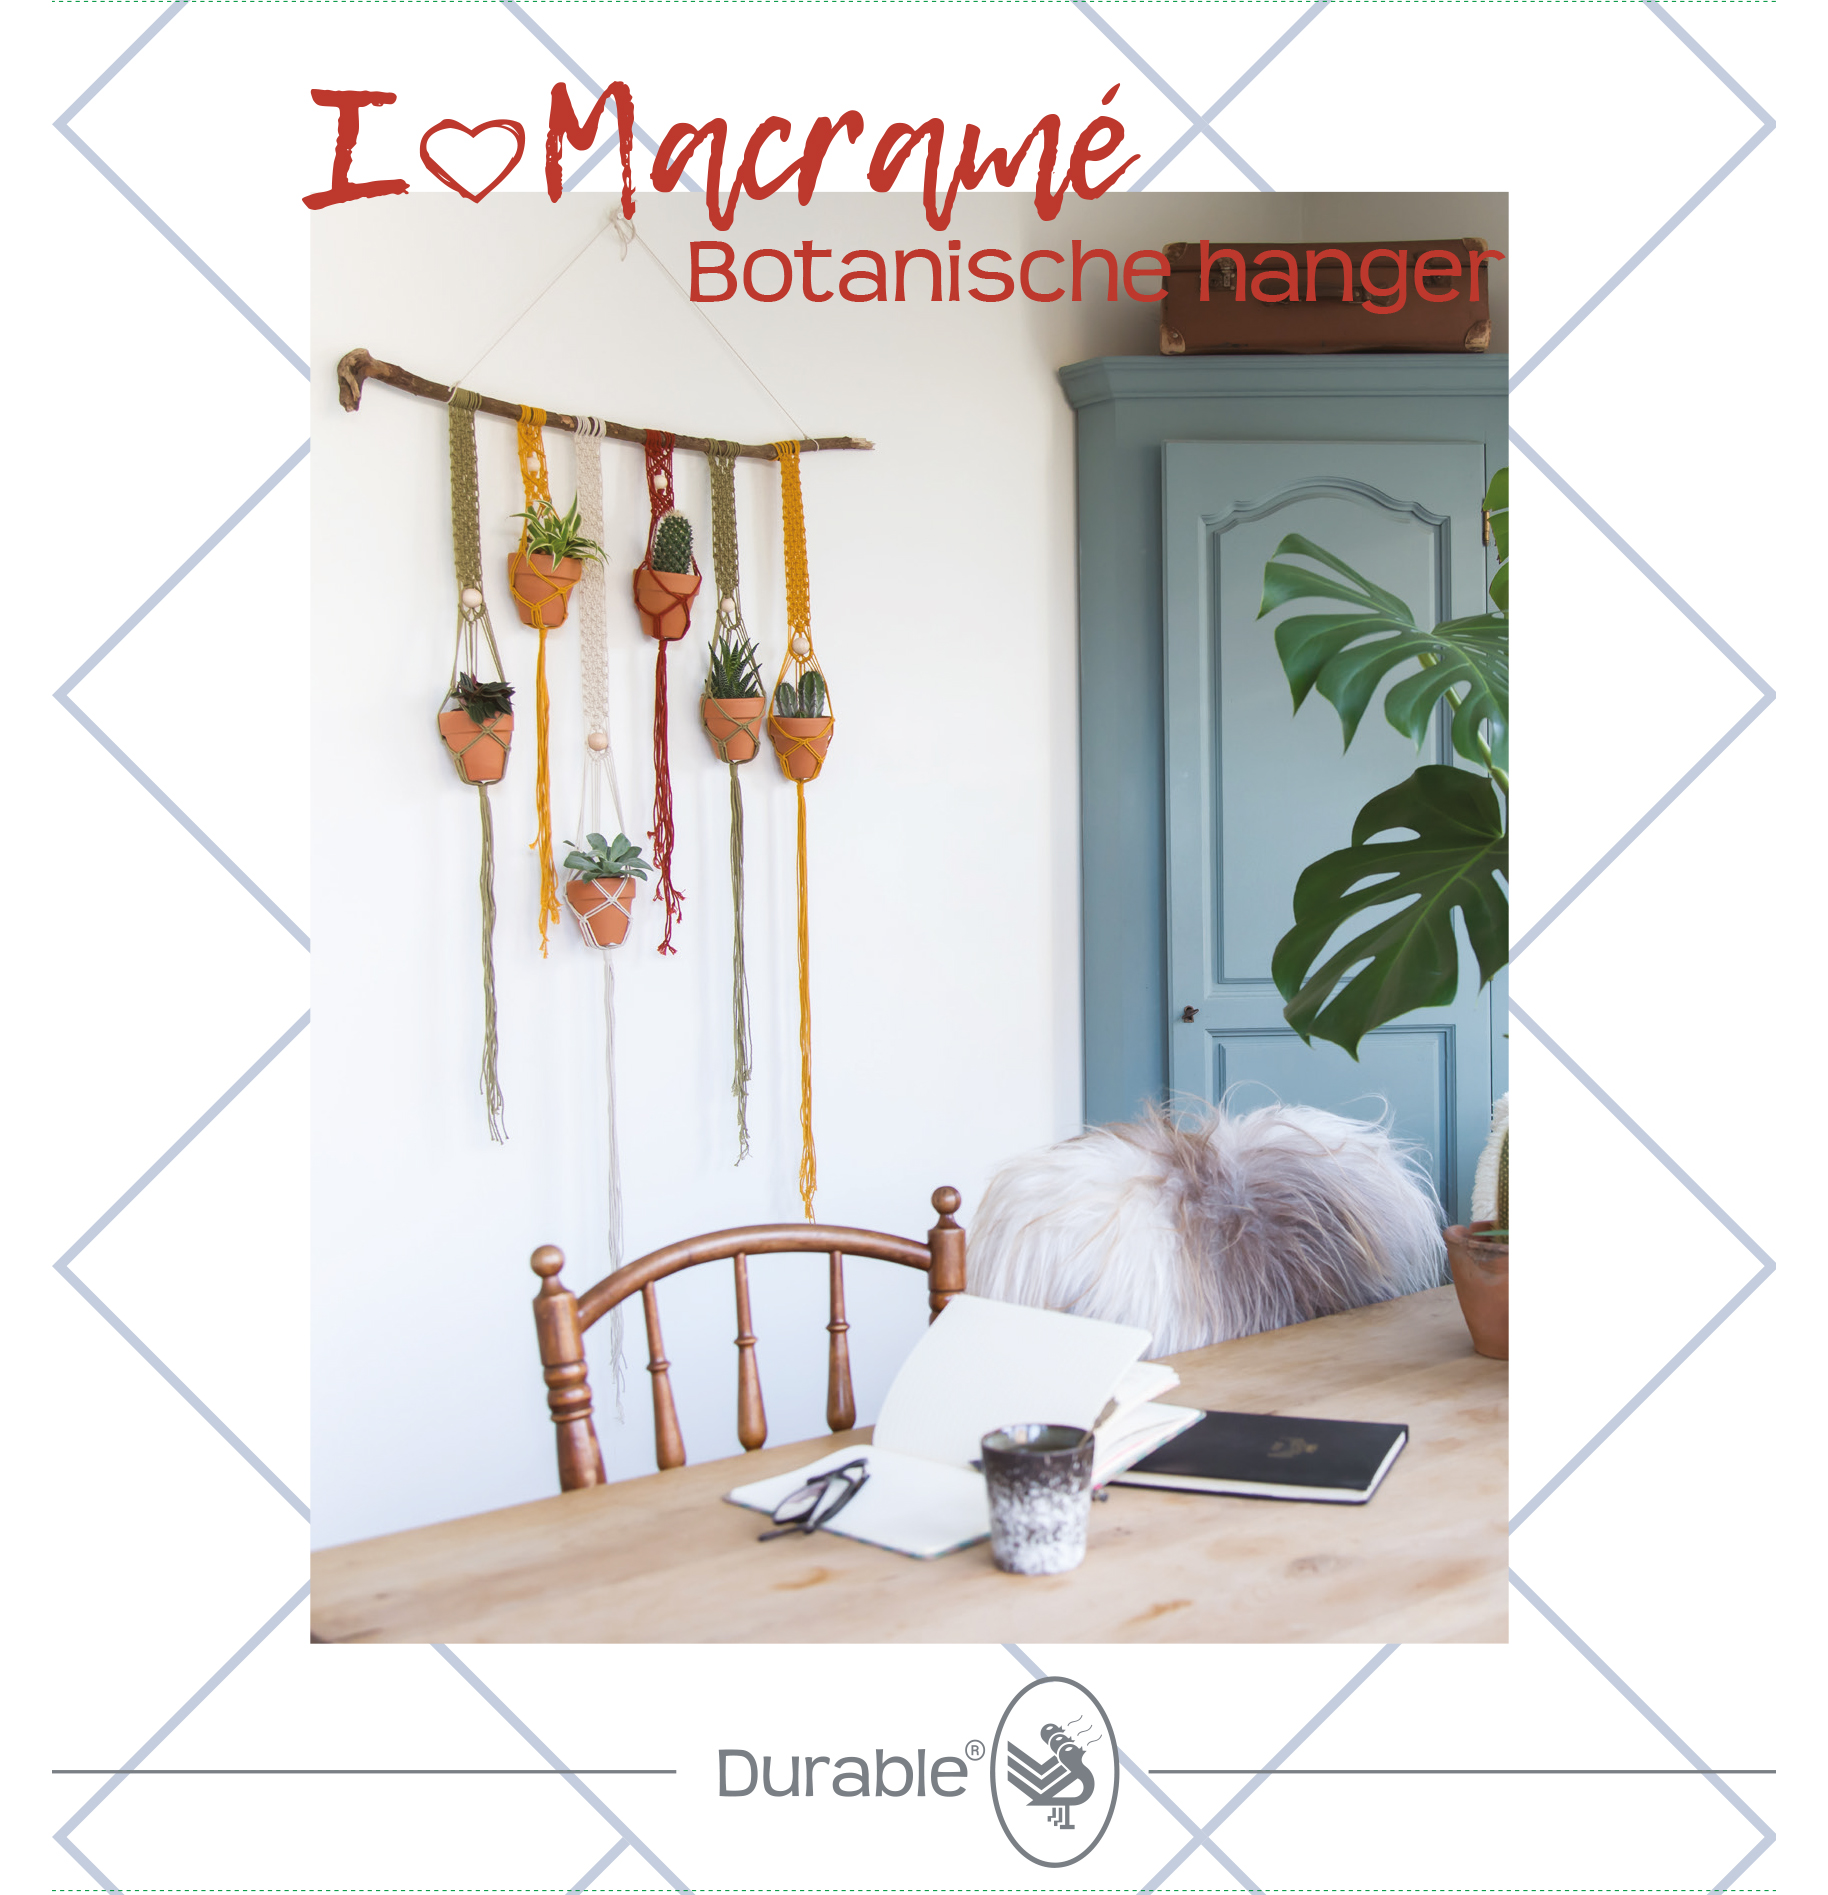 Macramé Botanische hanger pakket